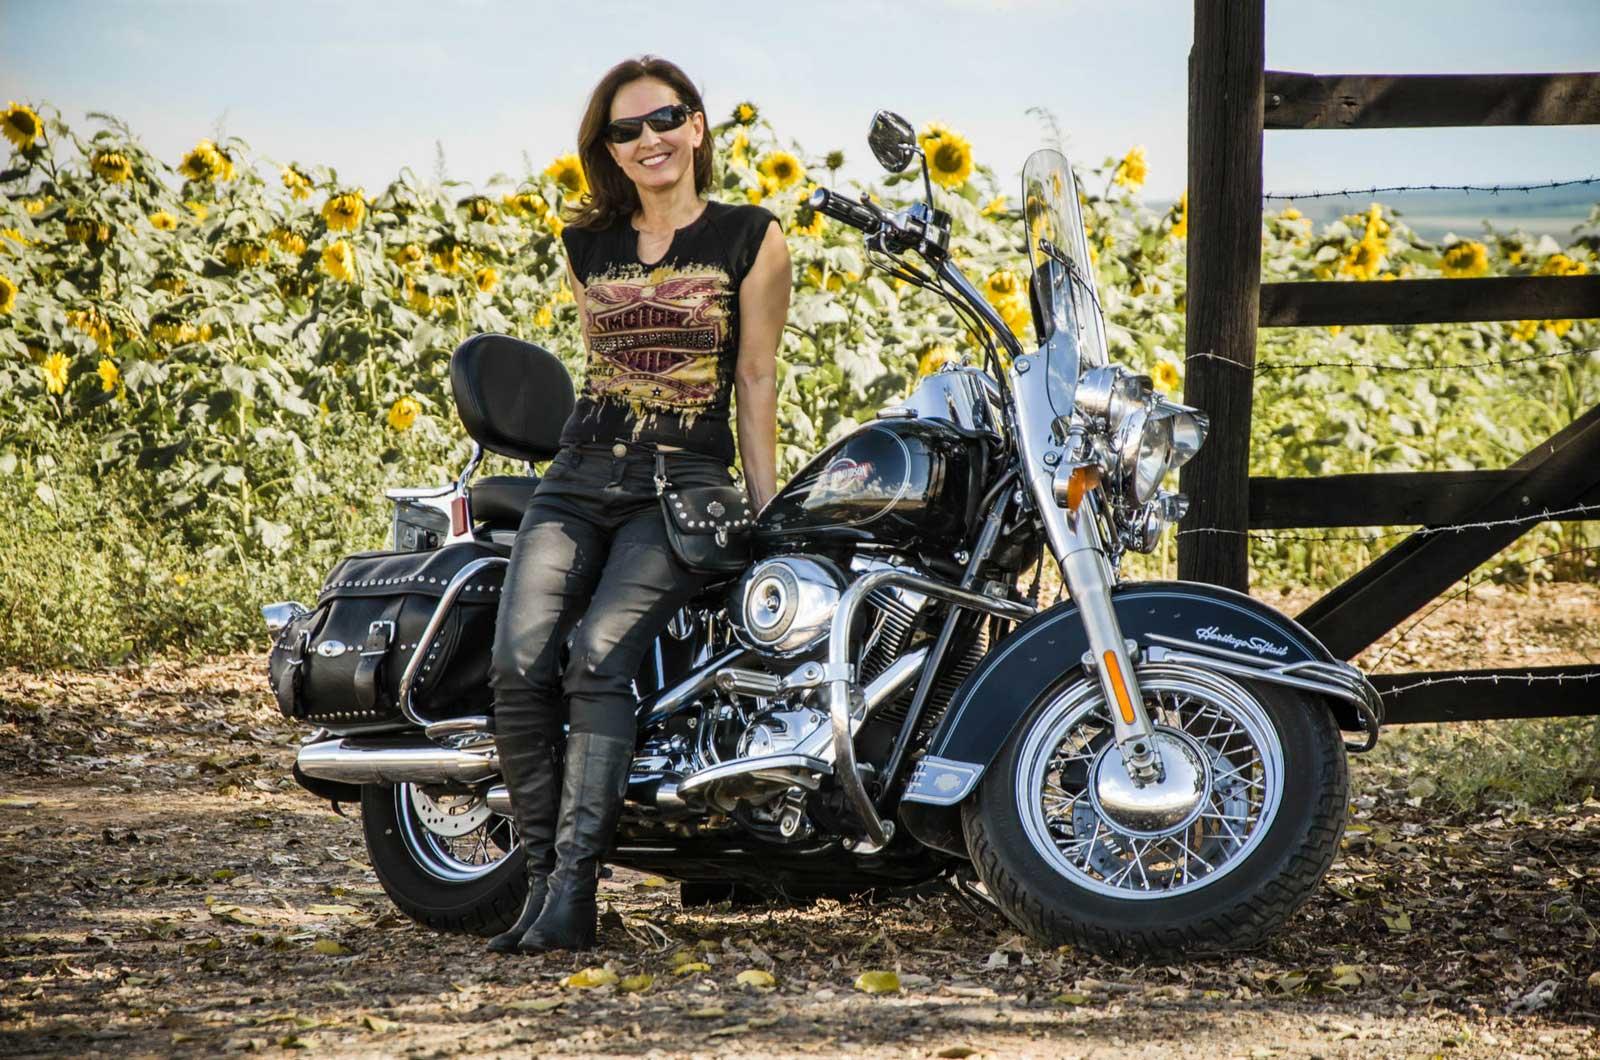 Ensaio Fotográfico Feminino em Holambra, com uma Harley Davidson nos Campos de Girassóis